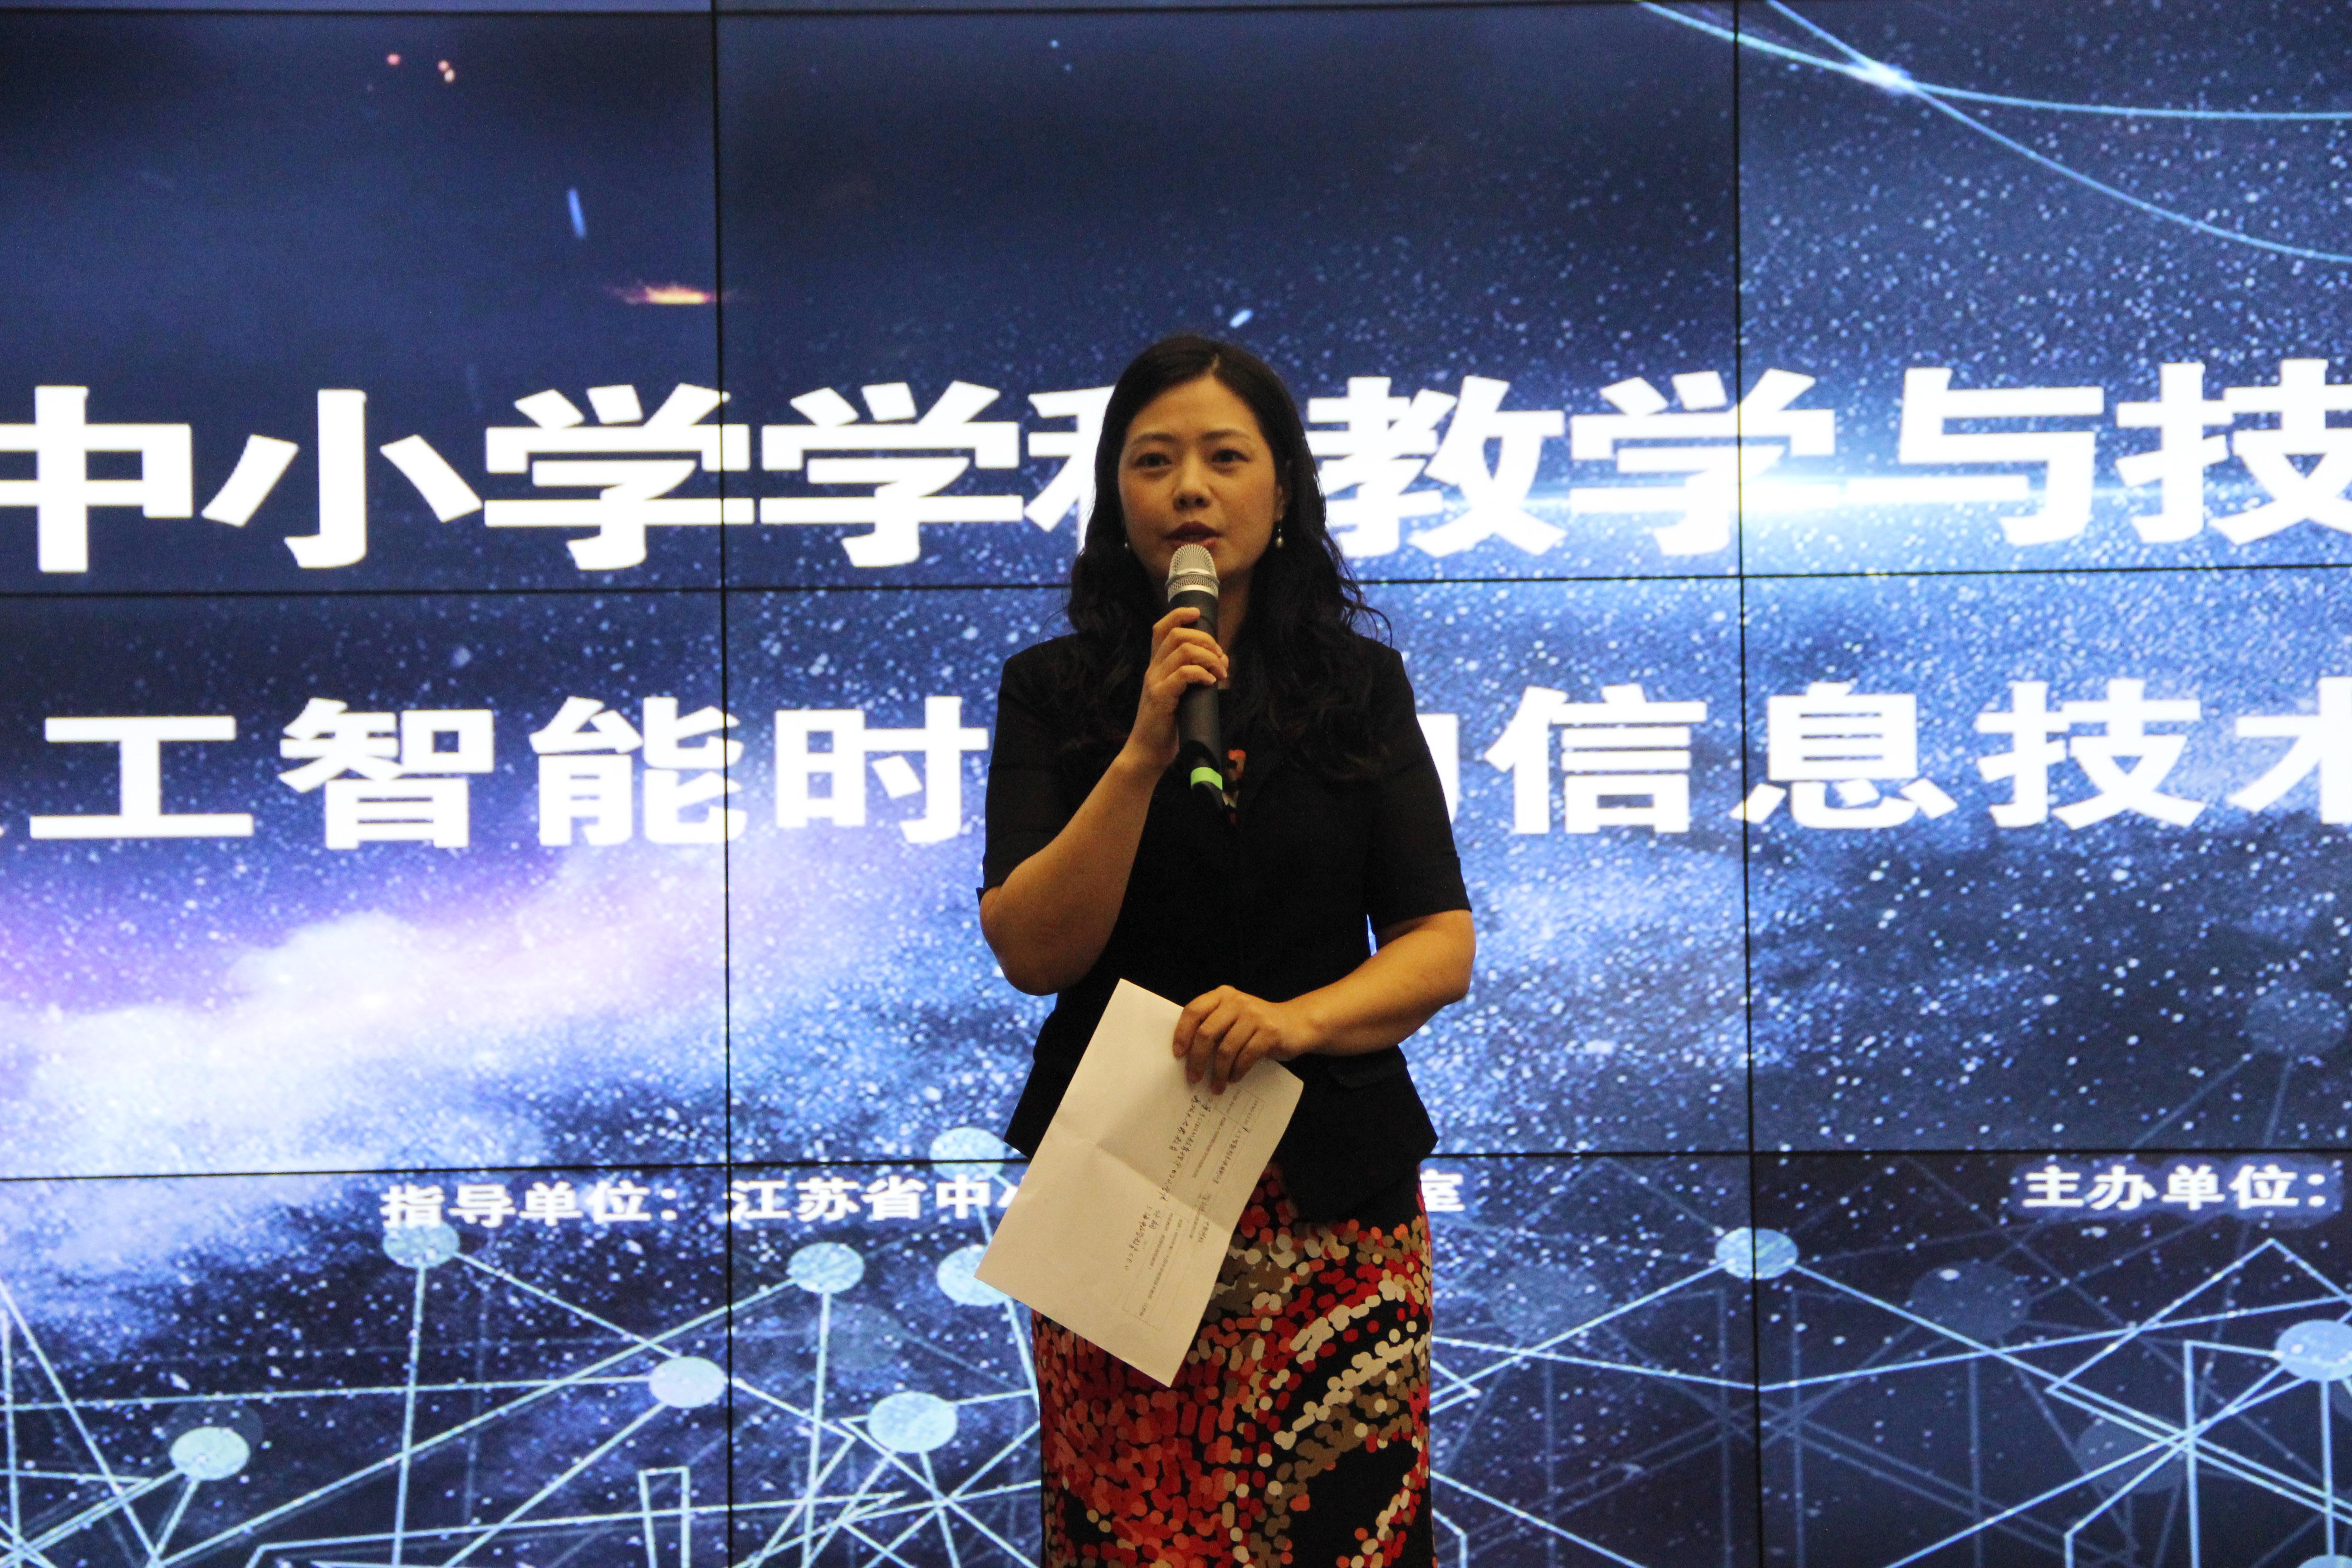 信息技术教育开启创新之门